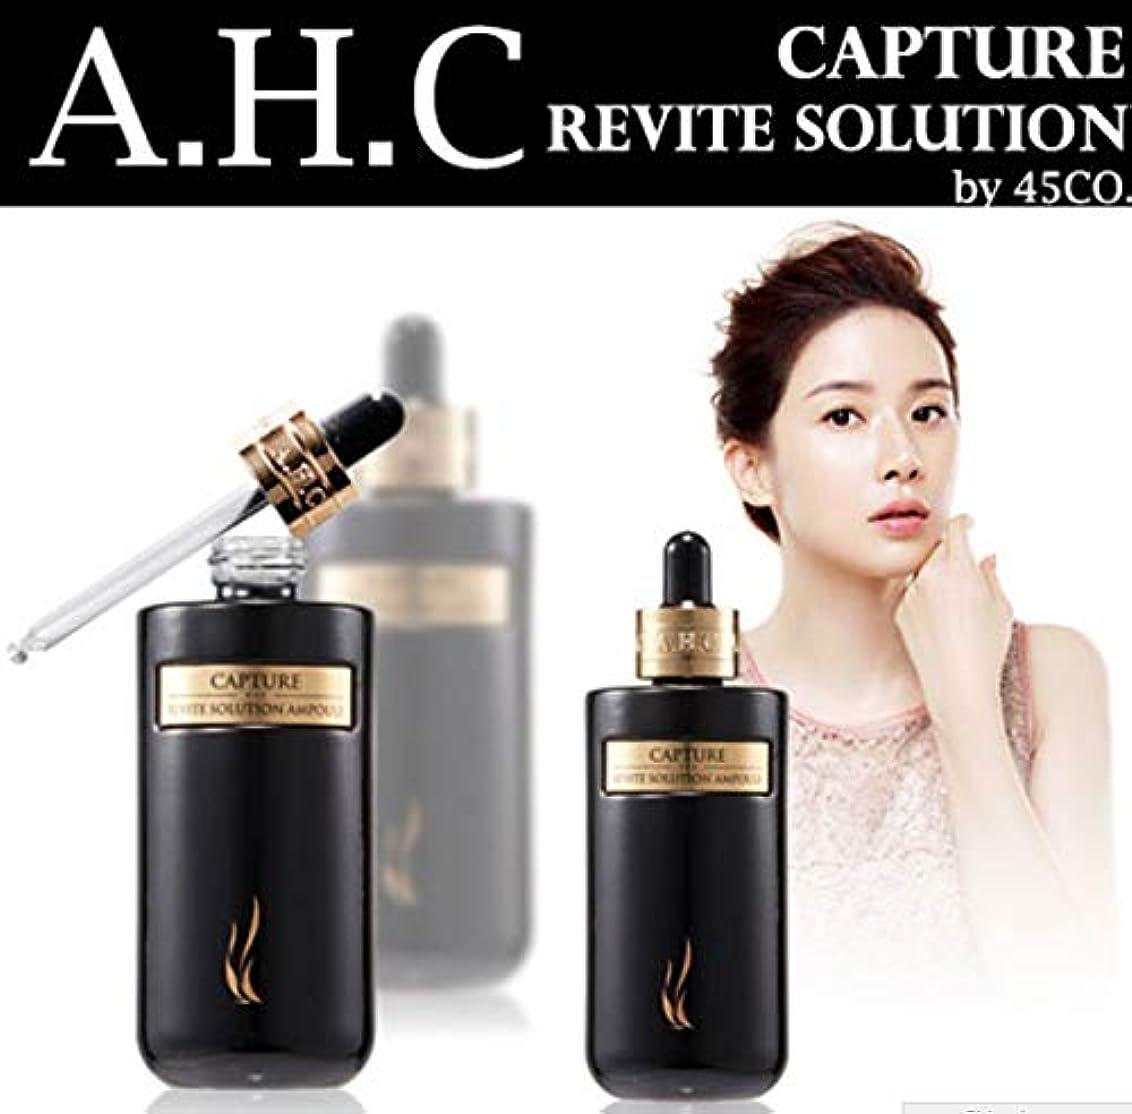 余剰受益者大事にする[A.H.C] キャプティブリバイトソリューションアンプル50ml / Capture Revite Solution Ampoule 50ml / ホワイトニング、ヒアルロン酸/韓国化粧品 / Whitening, hyaluronic acid/Korean Cosmetics [並行輸入品]